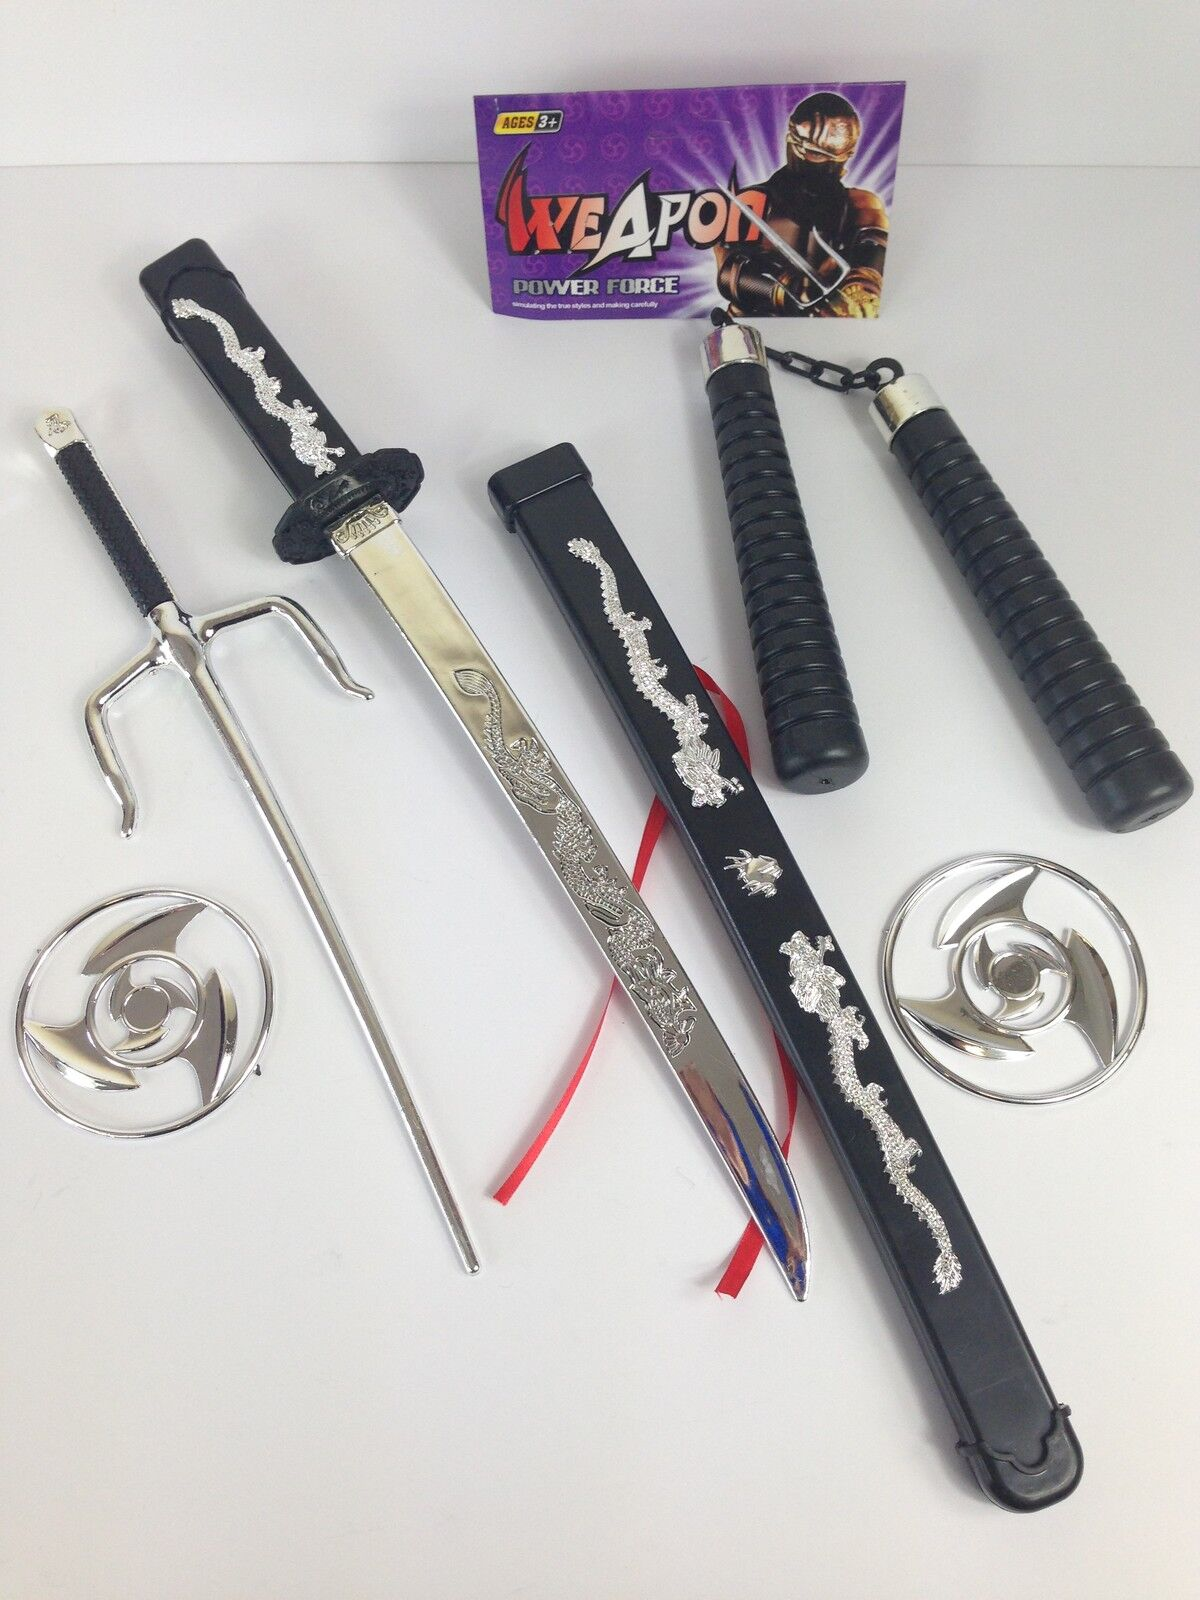 Kids 100% Plastic Toy Samurai Sword Ninja Weapons Set ...  |Types Of Ninja Swords